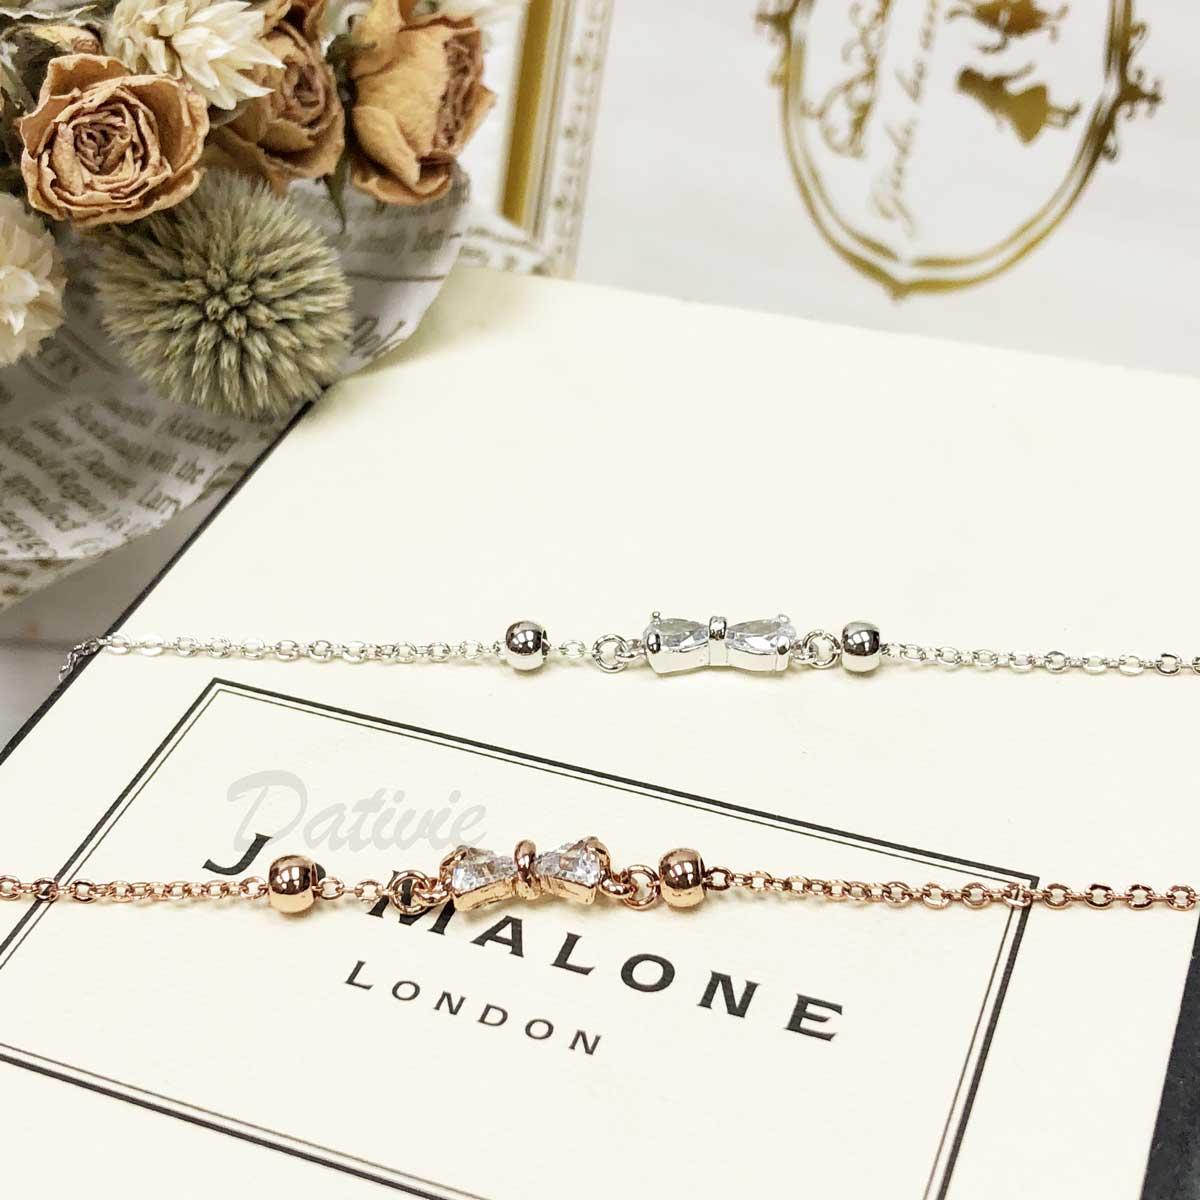 蝴蝶結 活動 珠珠 氣質 玫瑰金 鑲鑽 水鑽 精緻腳鍊